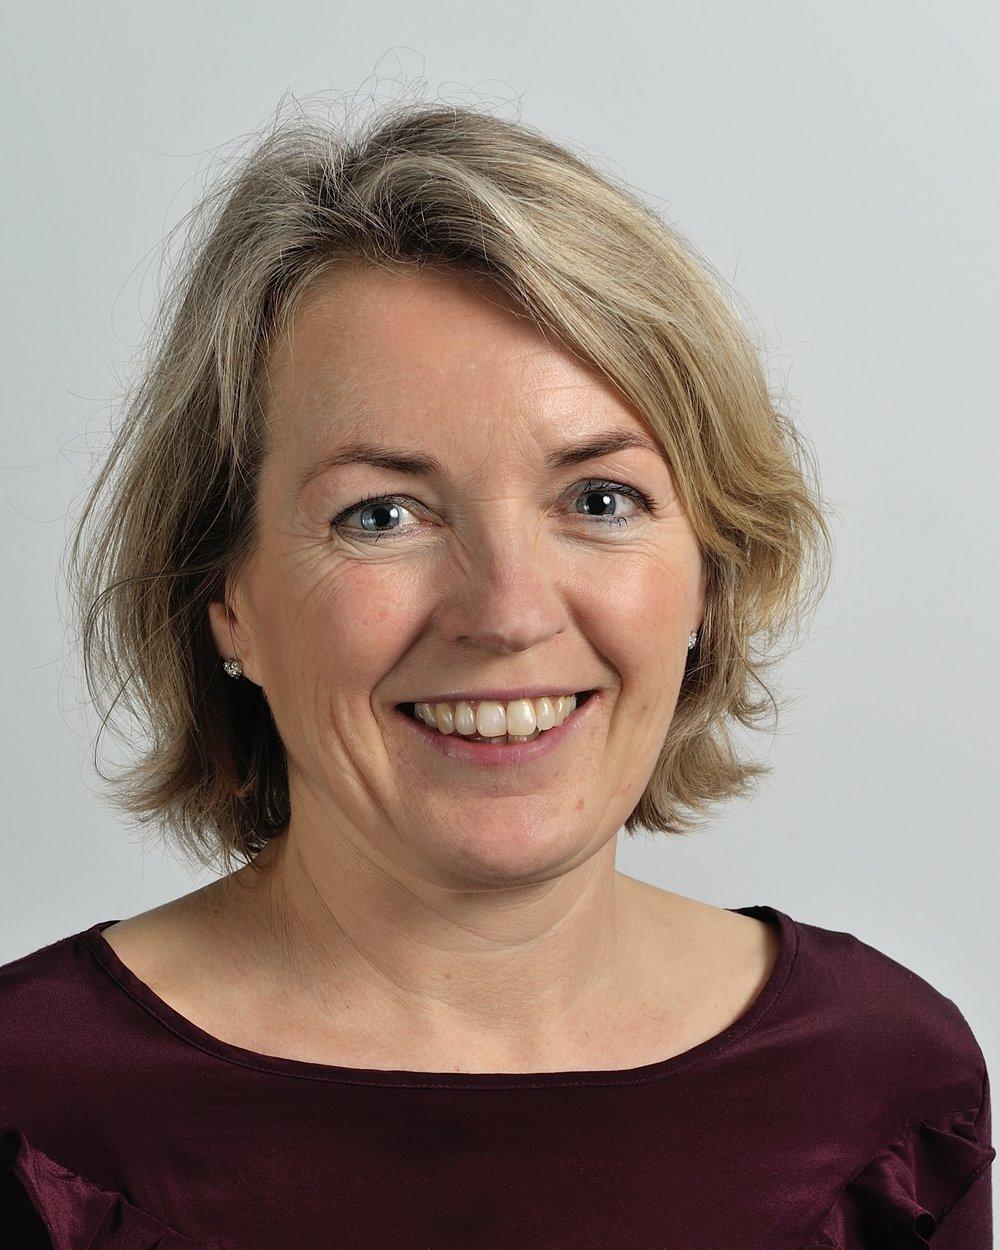 Marit Holter-Sørensen i Difi mener at kommunene må se helhetlig på grønne innkjøp, ikke bare stille tilfeldige krav i enkeltanskaffelser. Foto: Difi